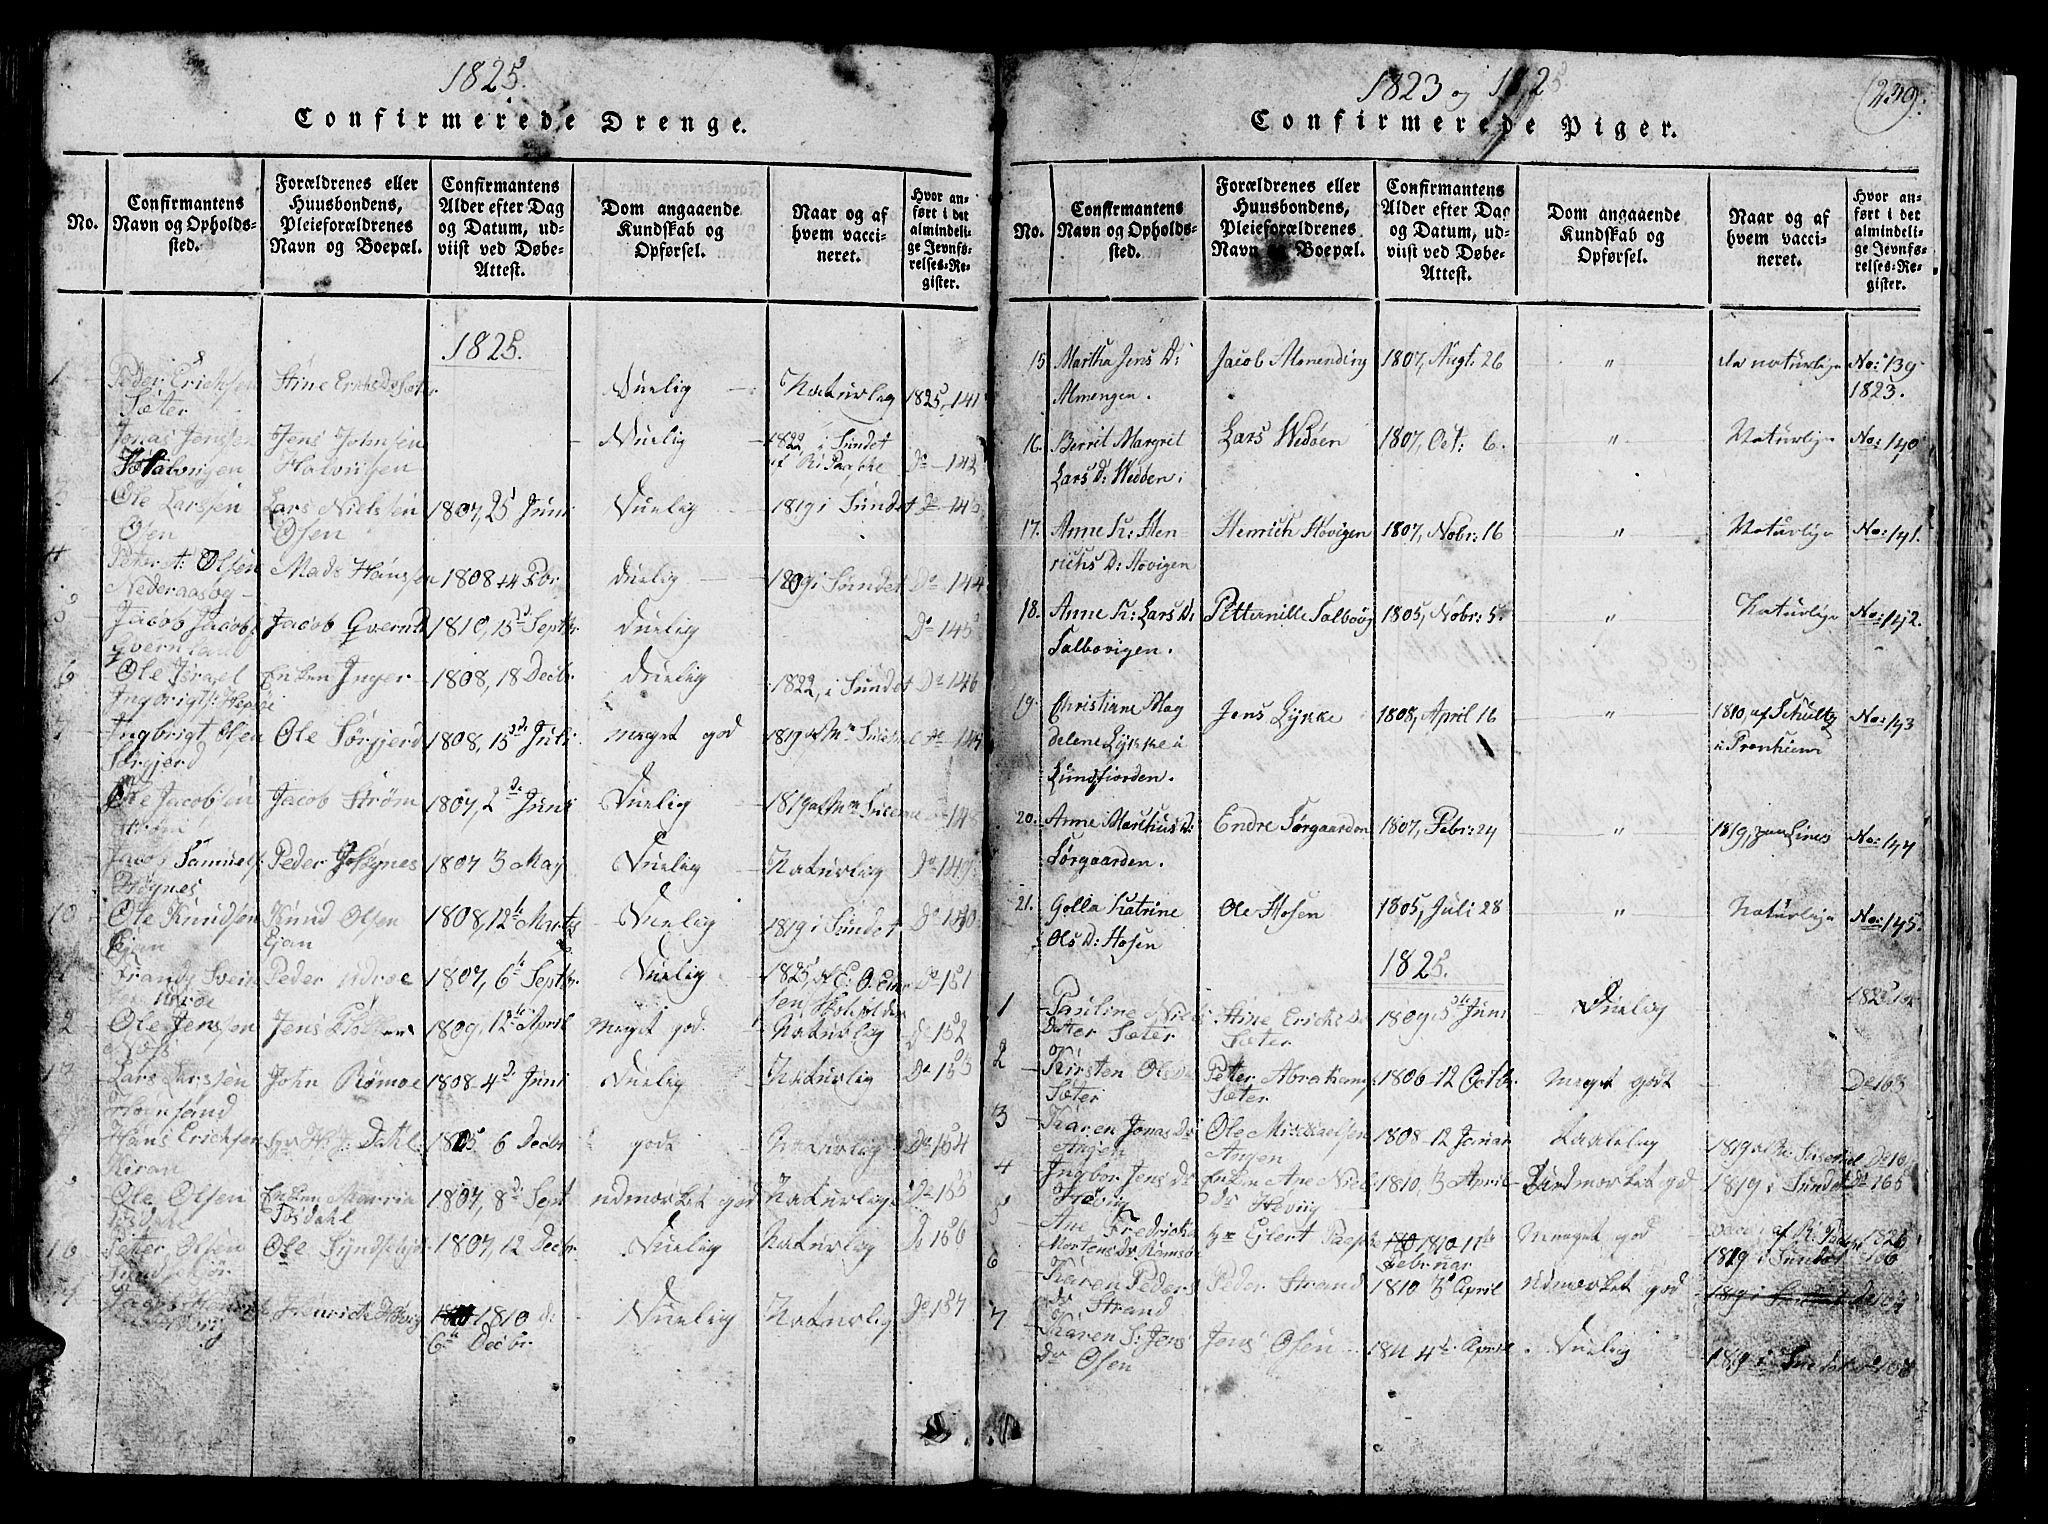 SAT, Ministerialprotokoller, klokkerbøker og fødselsregistre - Sør-Trøndelag, 657/L0714: Klokkerbok nr. 657C01, 1818-1868, s. 239